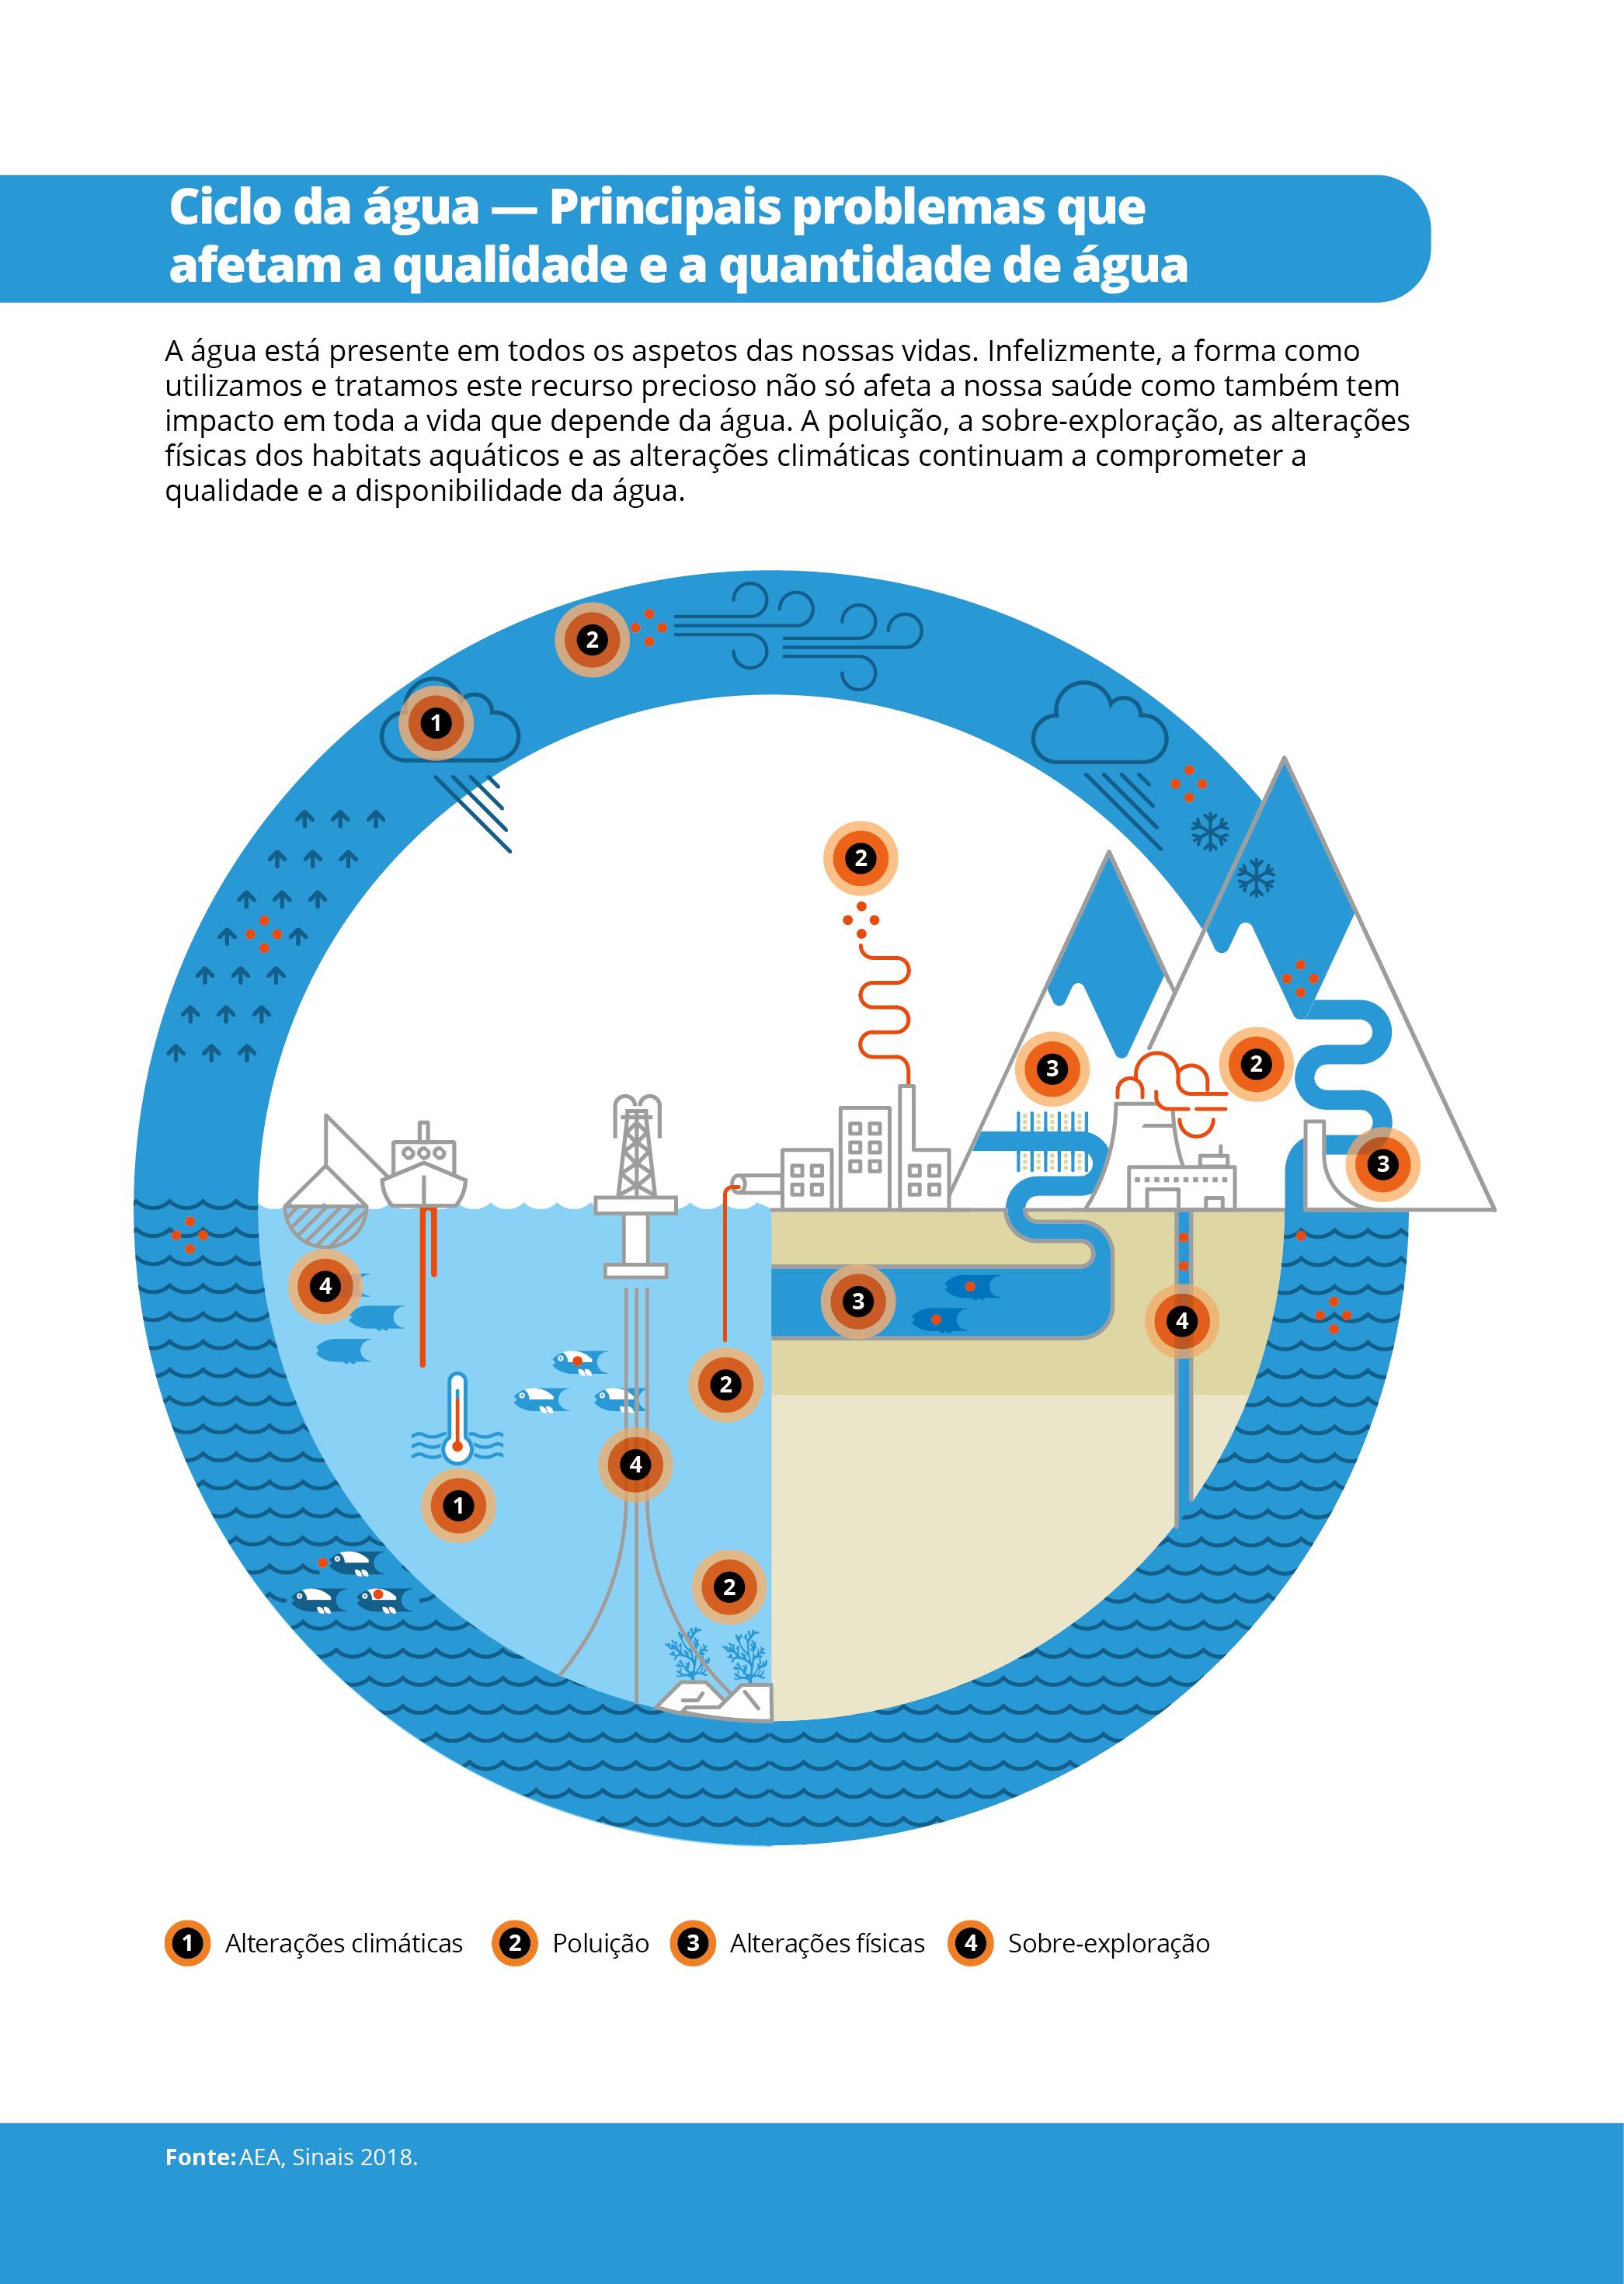 Ciclo da água — Principais problemas que afetam a qualidade e a quantidade de água